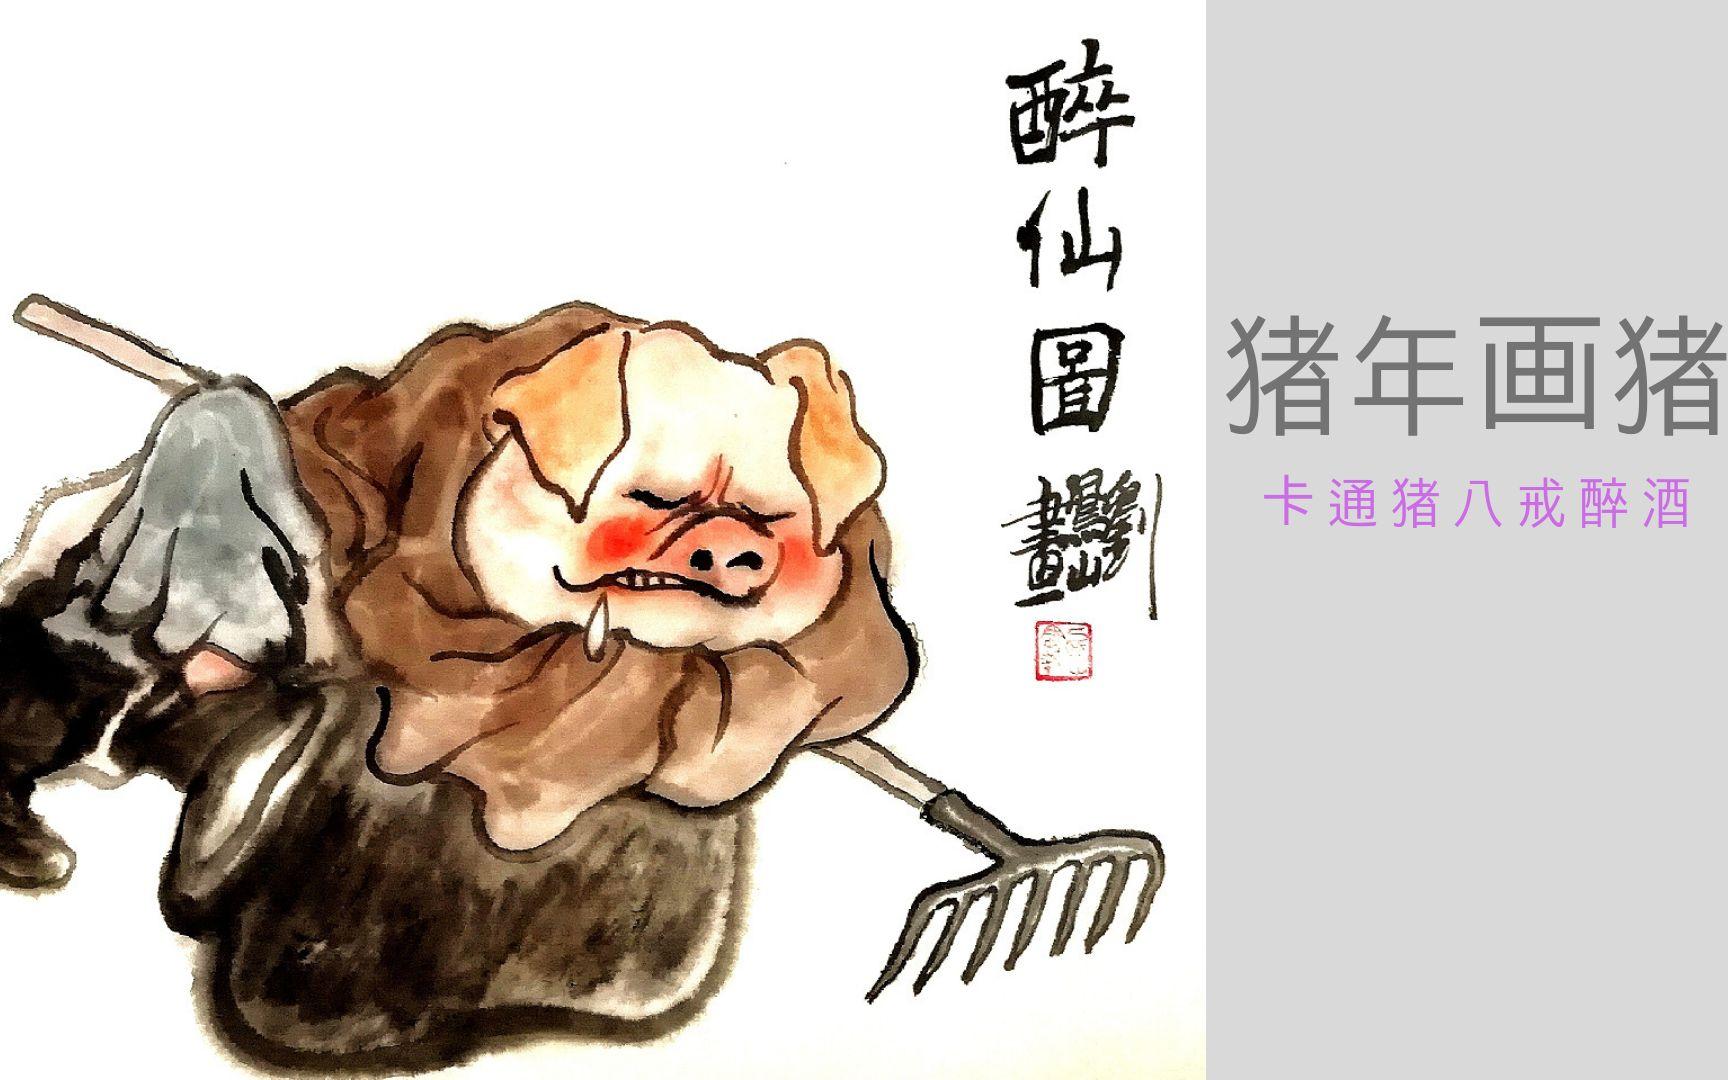 猪年画猪-卡通漫画猪八戒醉酒图图片